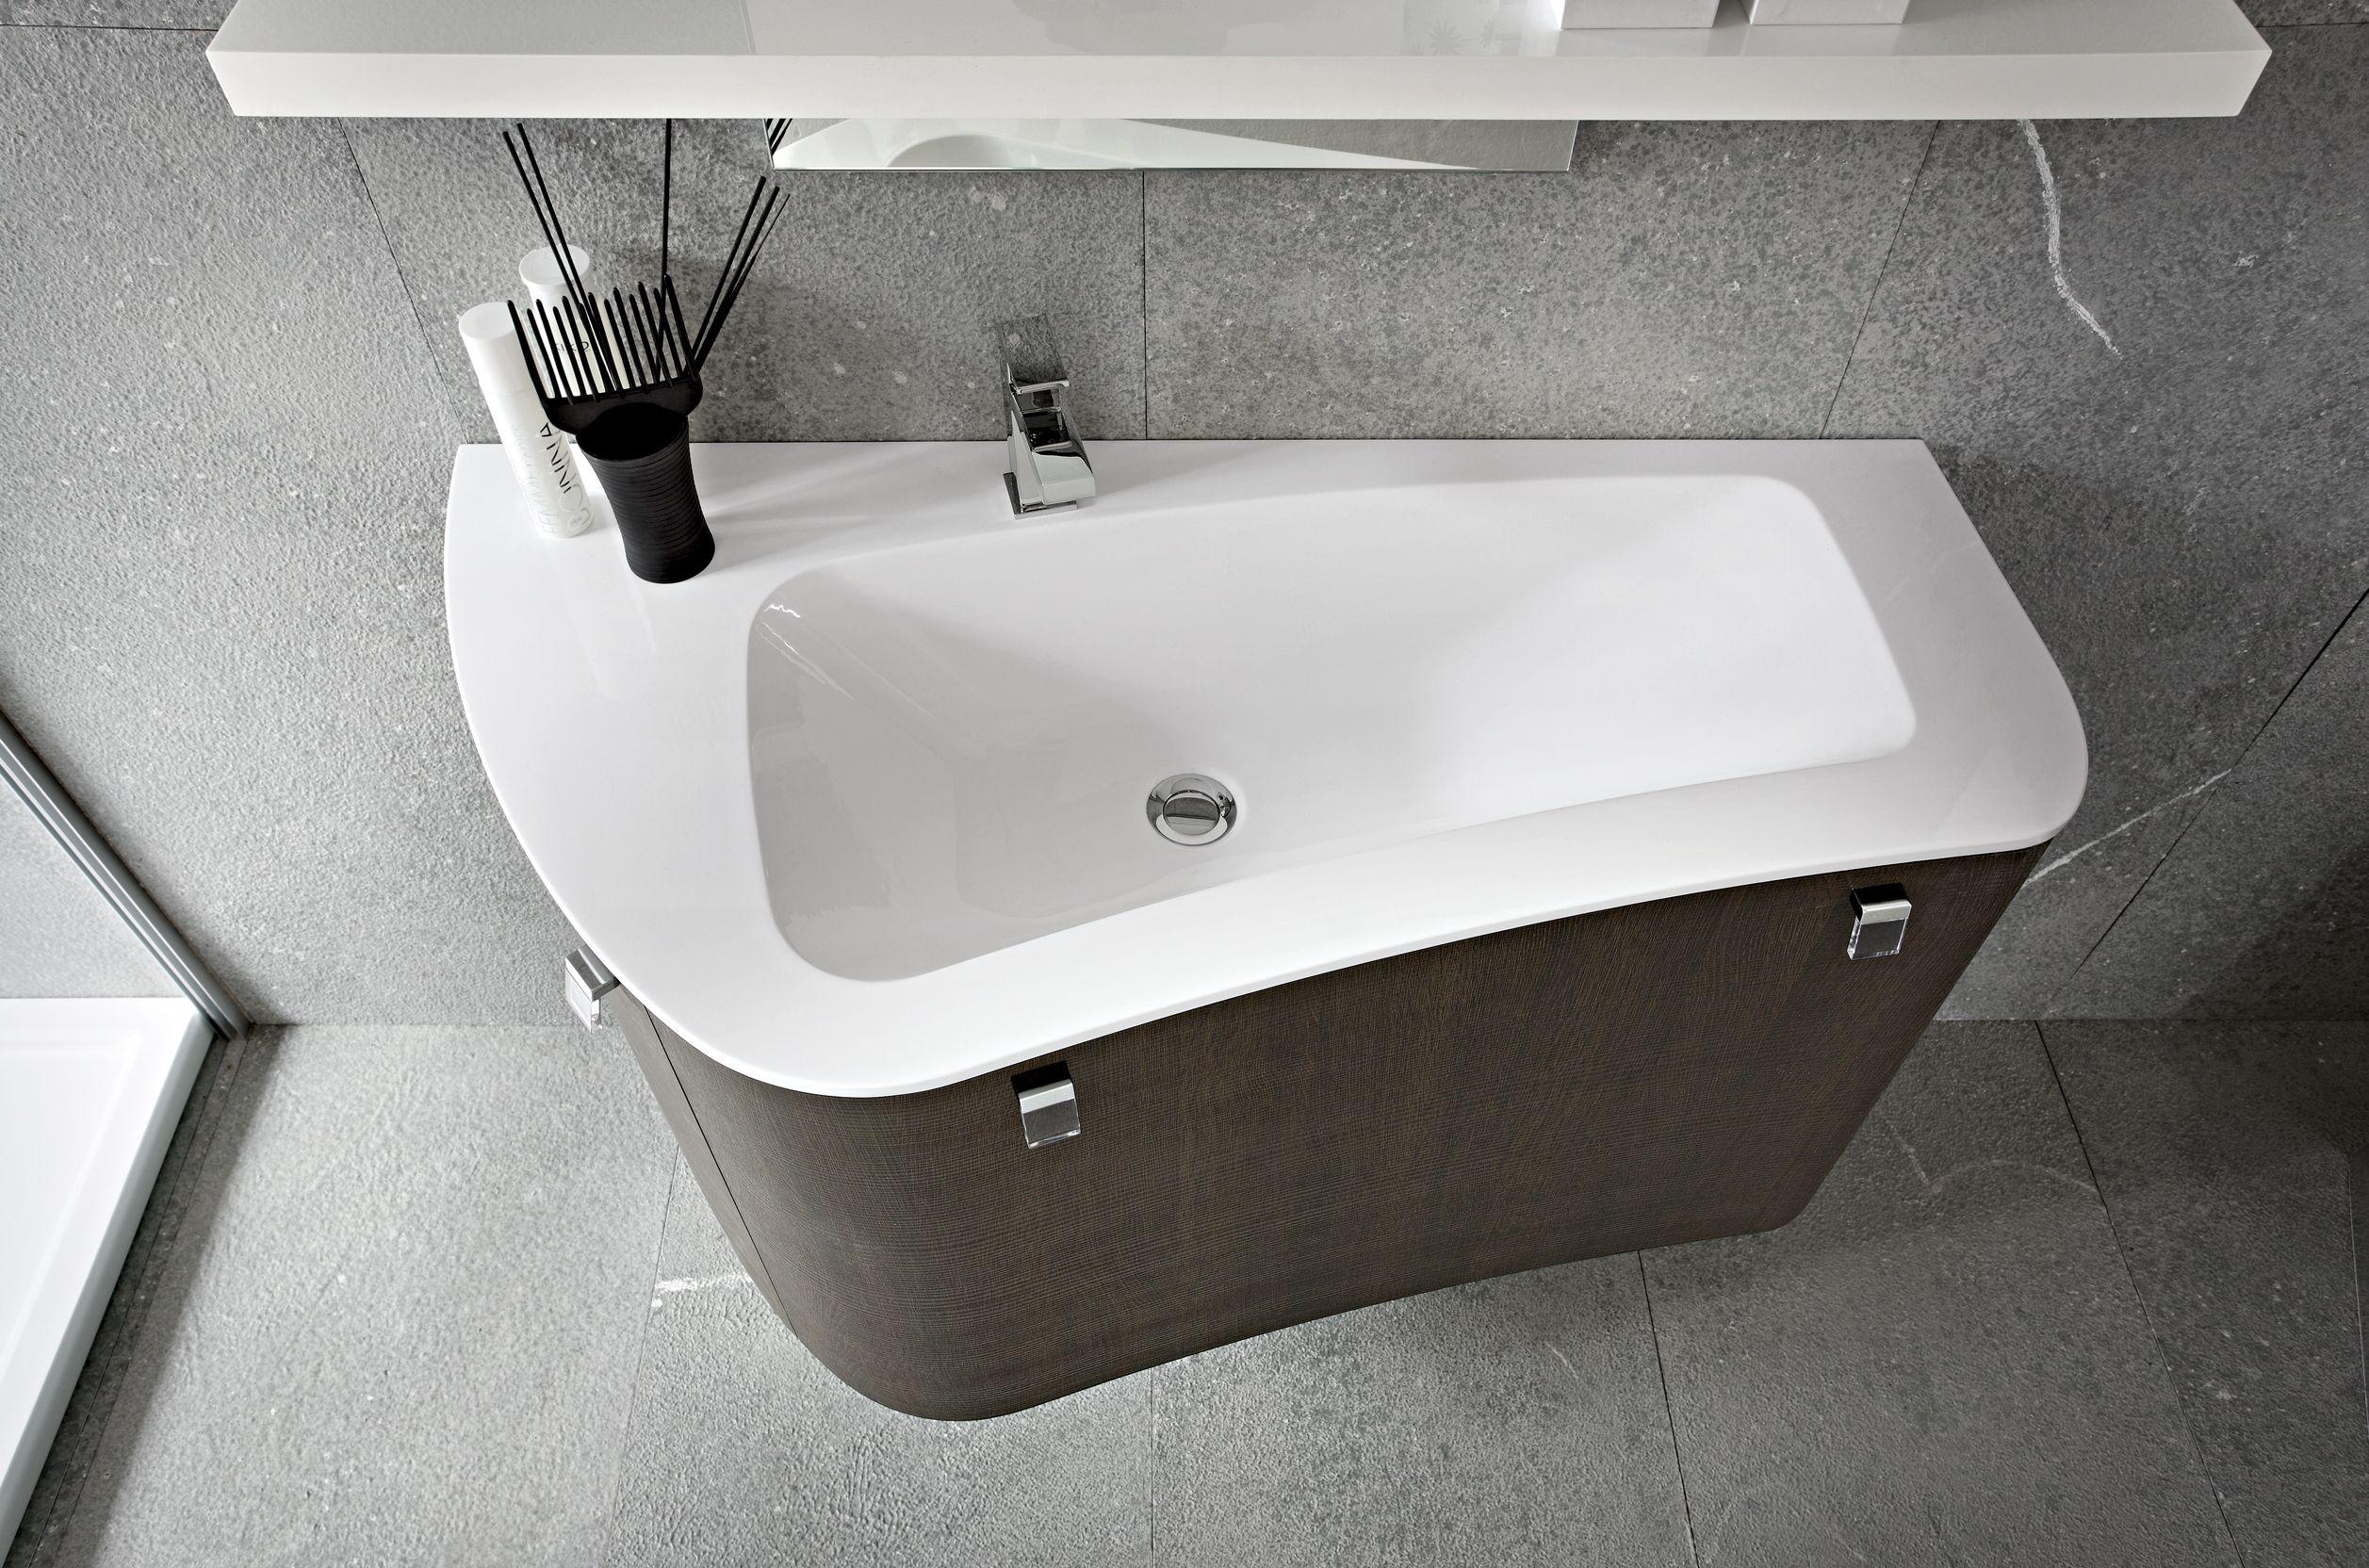 lavandino con mobiletto per bagno lavandino bagno con mobile avienix for